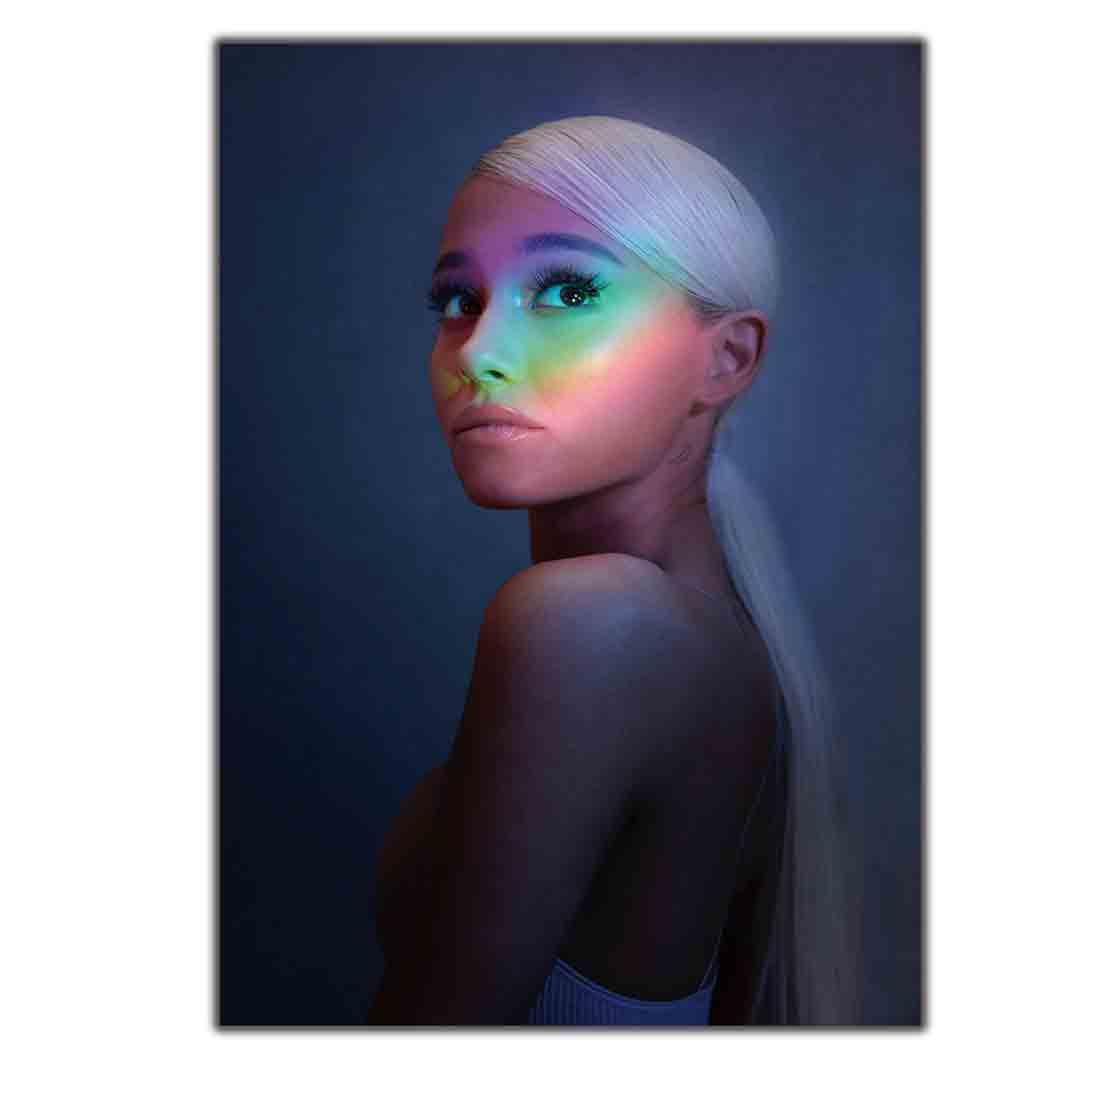 Z-1703 Hot Shawn Mendes Pop Music Singer Star Songwriter New Poster Art Decor